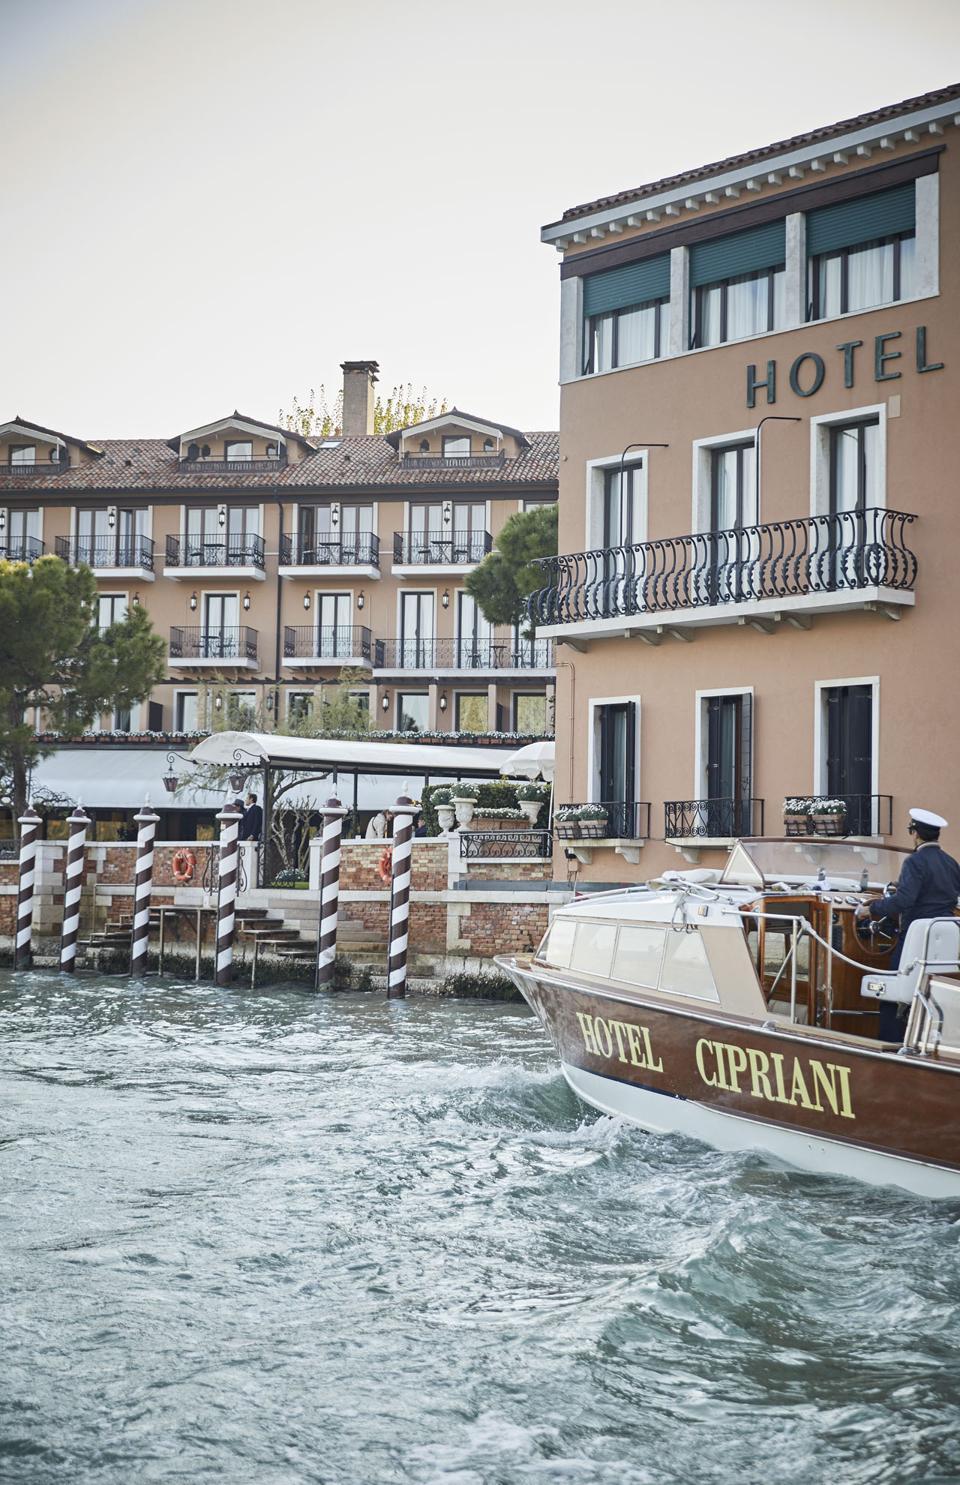 Cipriani private launch